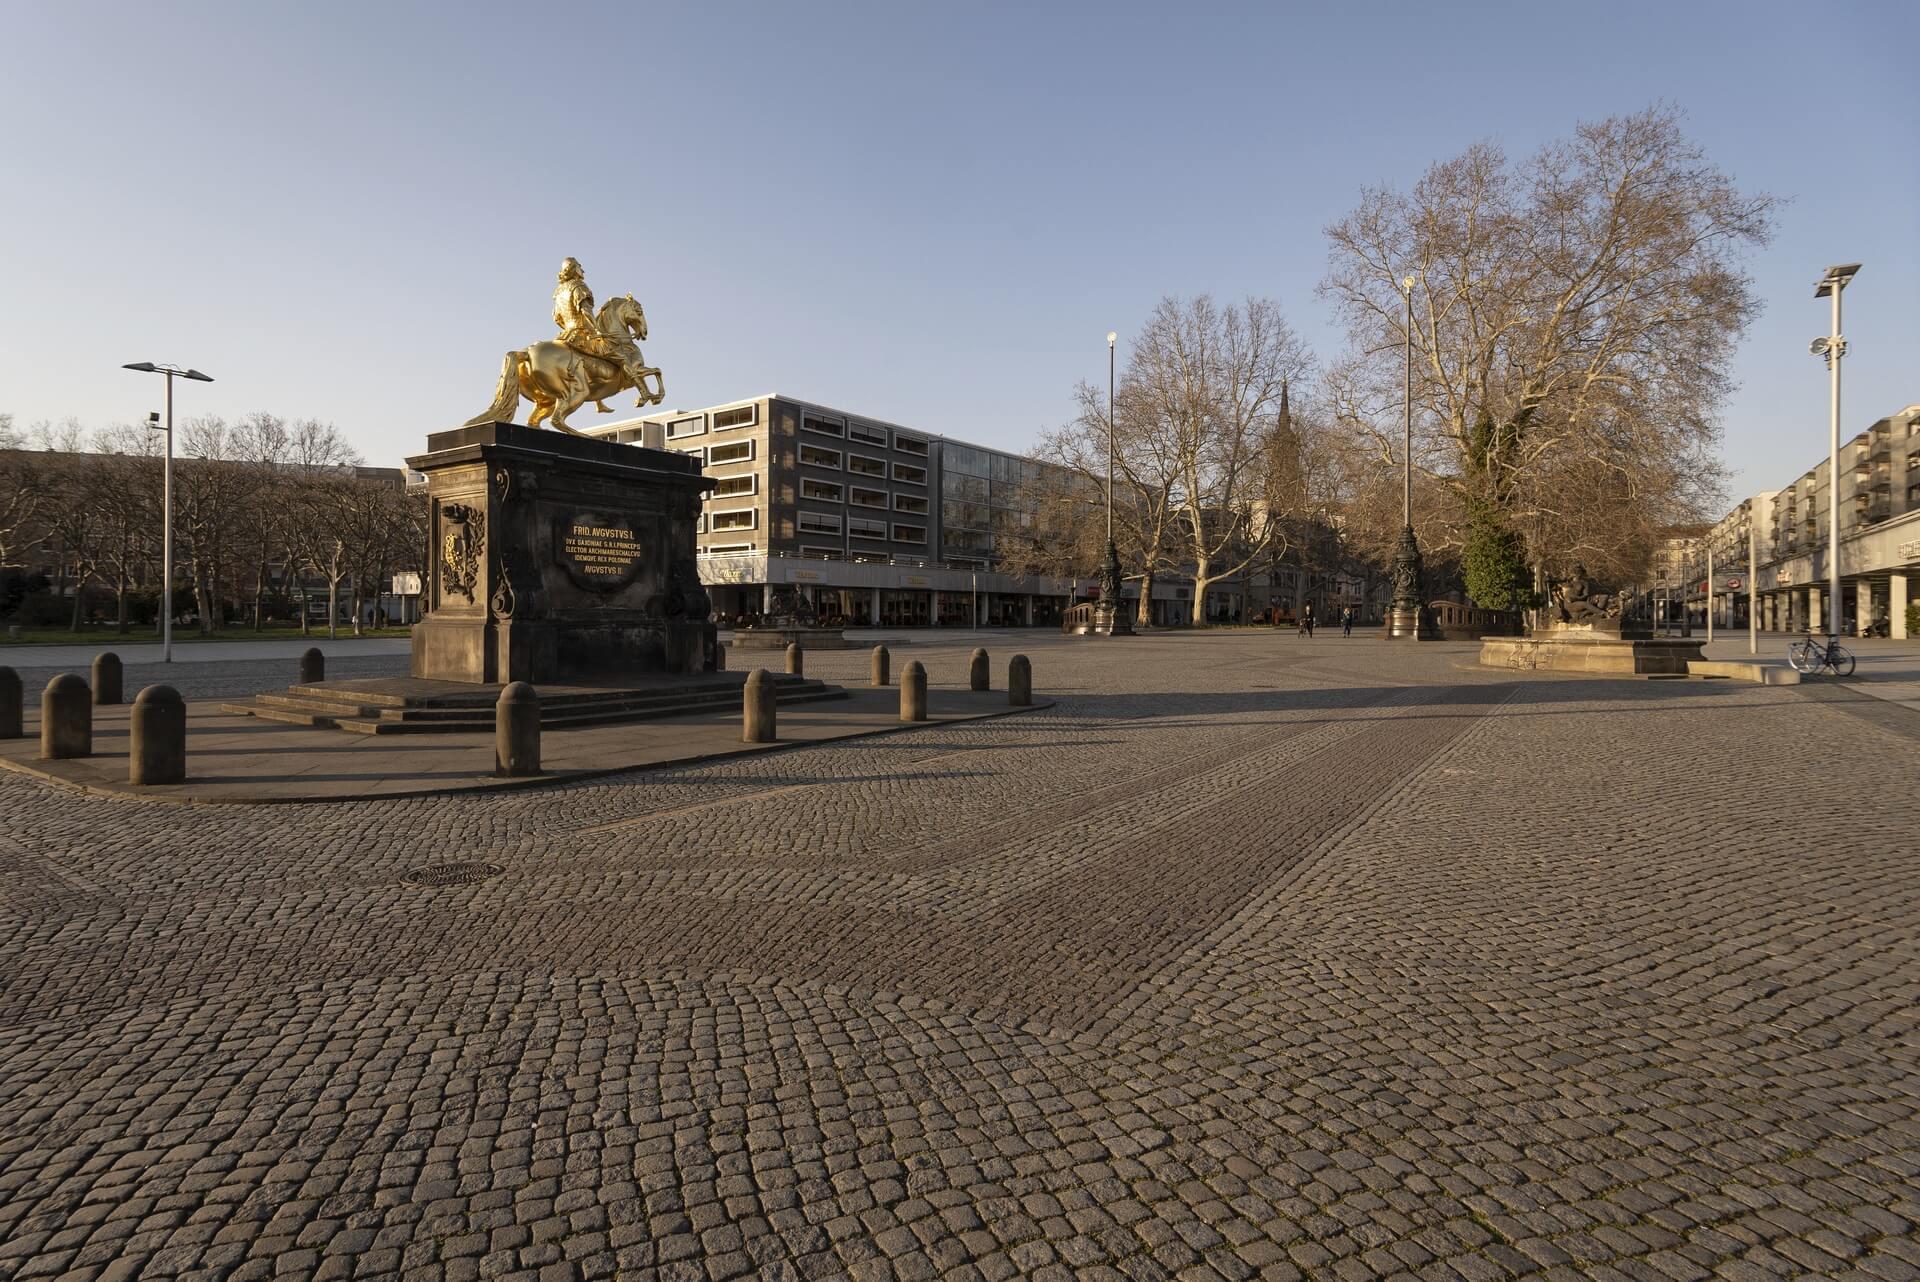 Dresden: Hauptstrasse, Goldener Reiter, Frühjahr 2020, Eindrücke von der Ausgangsbeschränkung während der COVID-19 Pandemie